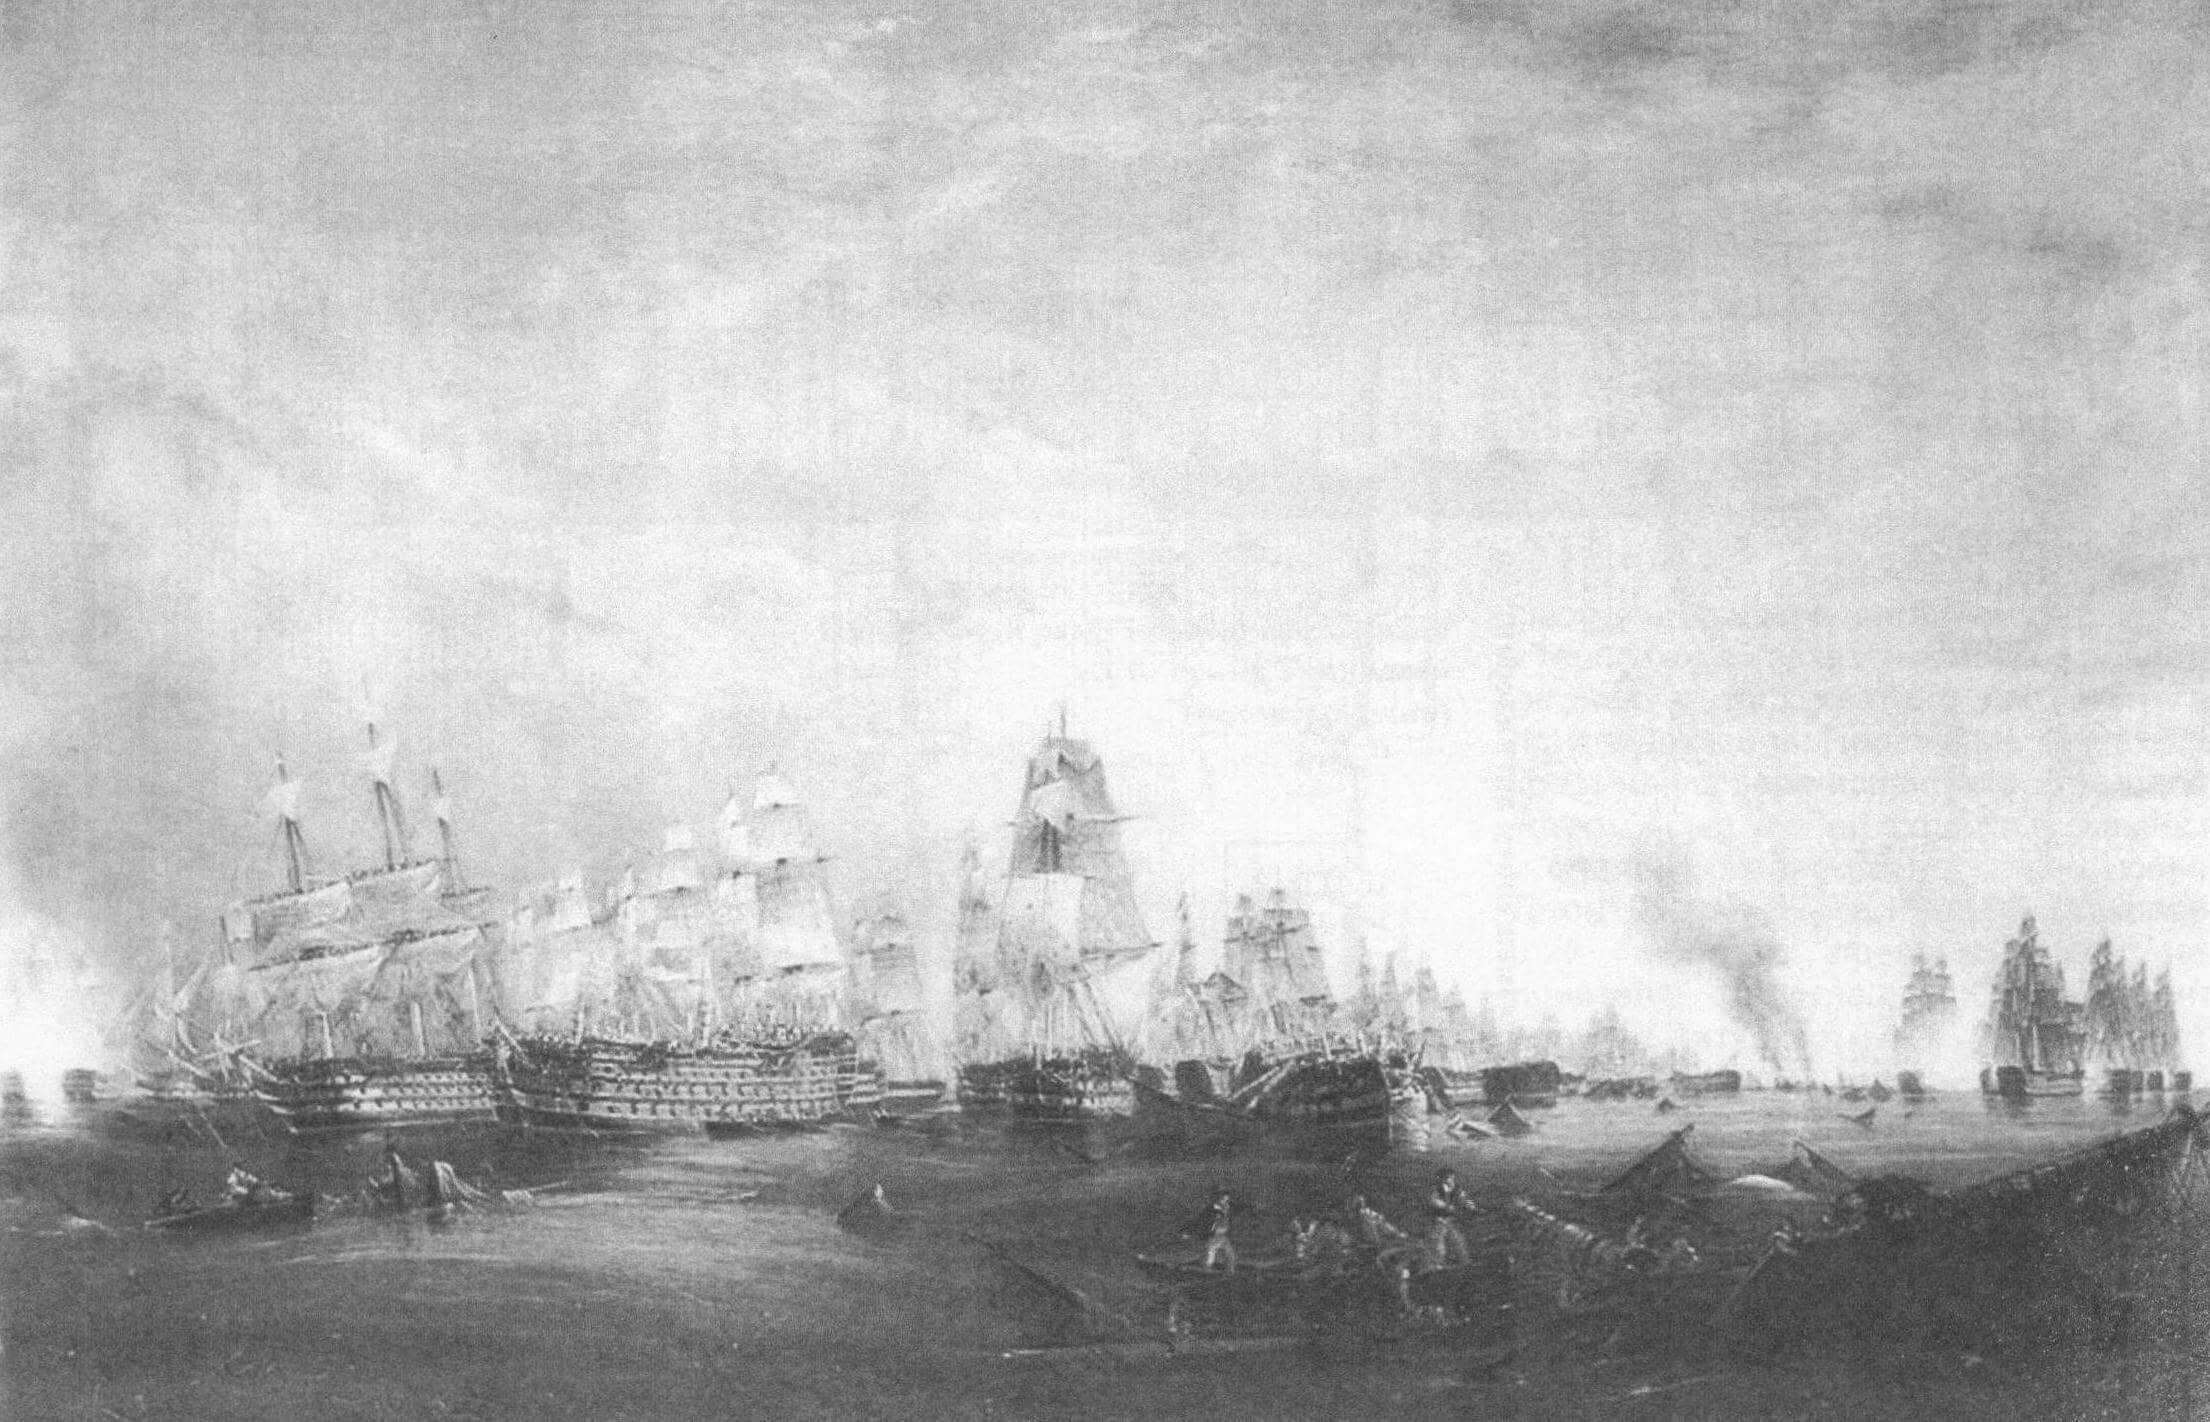 На полотне Роберта С. Томаса показан момент сдачи испанского четырехдечного линкора «Сантисима Тринидад» британскому кораблю «Нептюн» (полное название картины - «Surrender of the Santisima Trinidad to Neptune, The Battle of Trafalgar, 3 PM, 21st October 1805»)